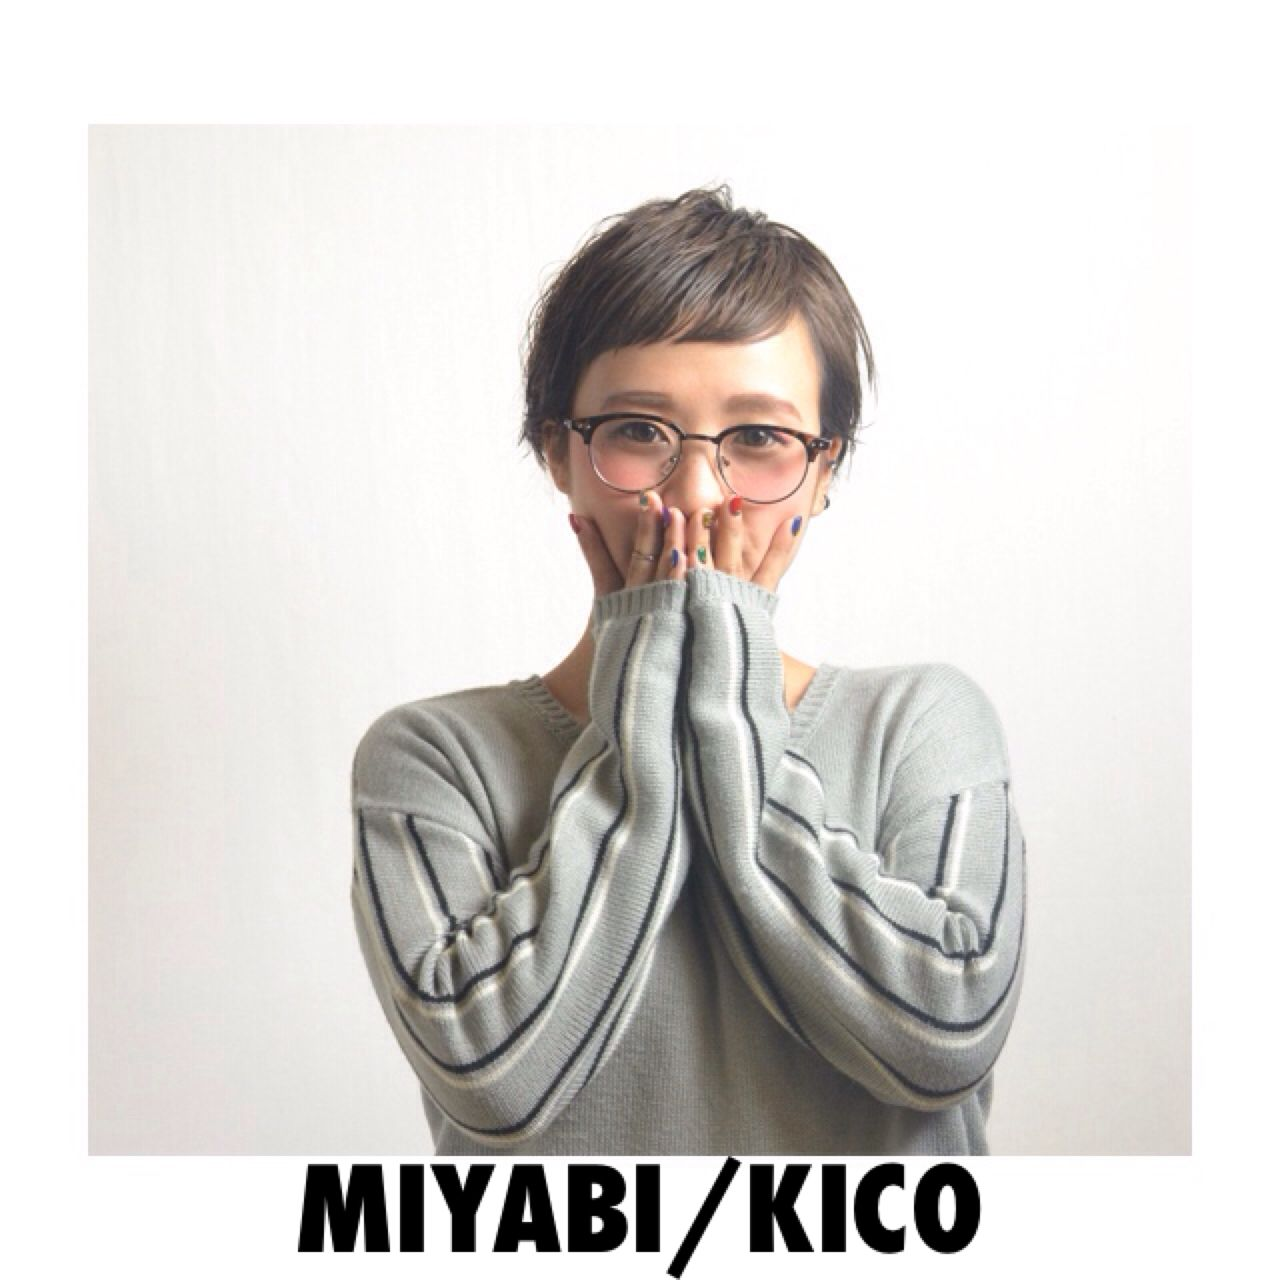 センターパート 暗髪 ウェットヘア ストリート ヘアスタイルや髪型の写真・画像   Miyabi/kico / MYBY